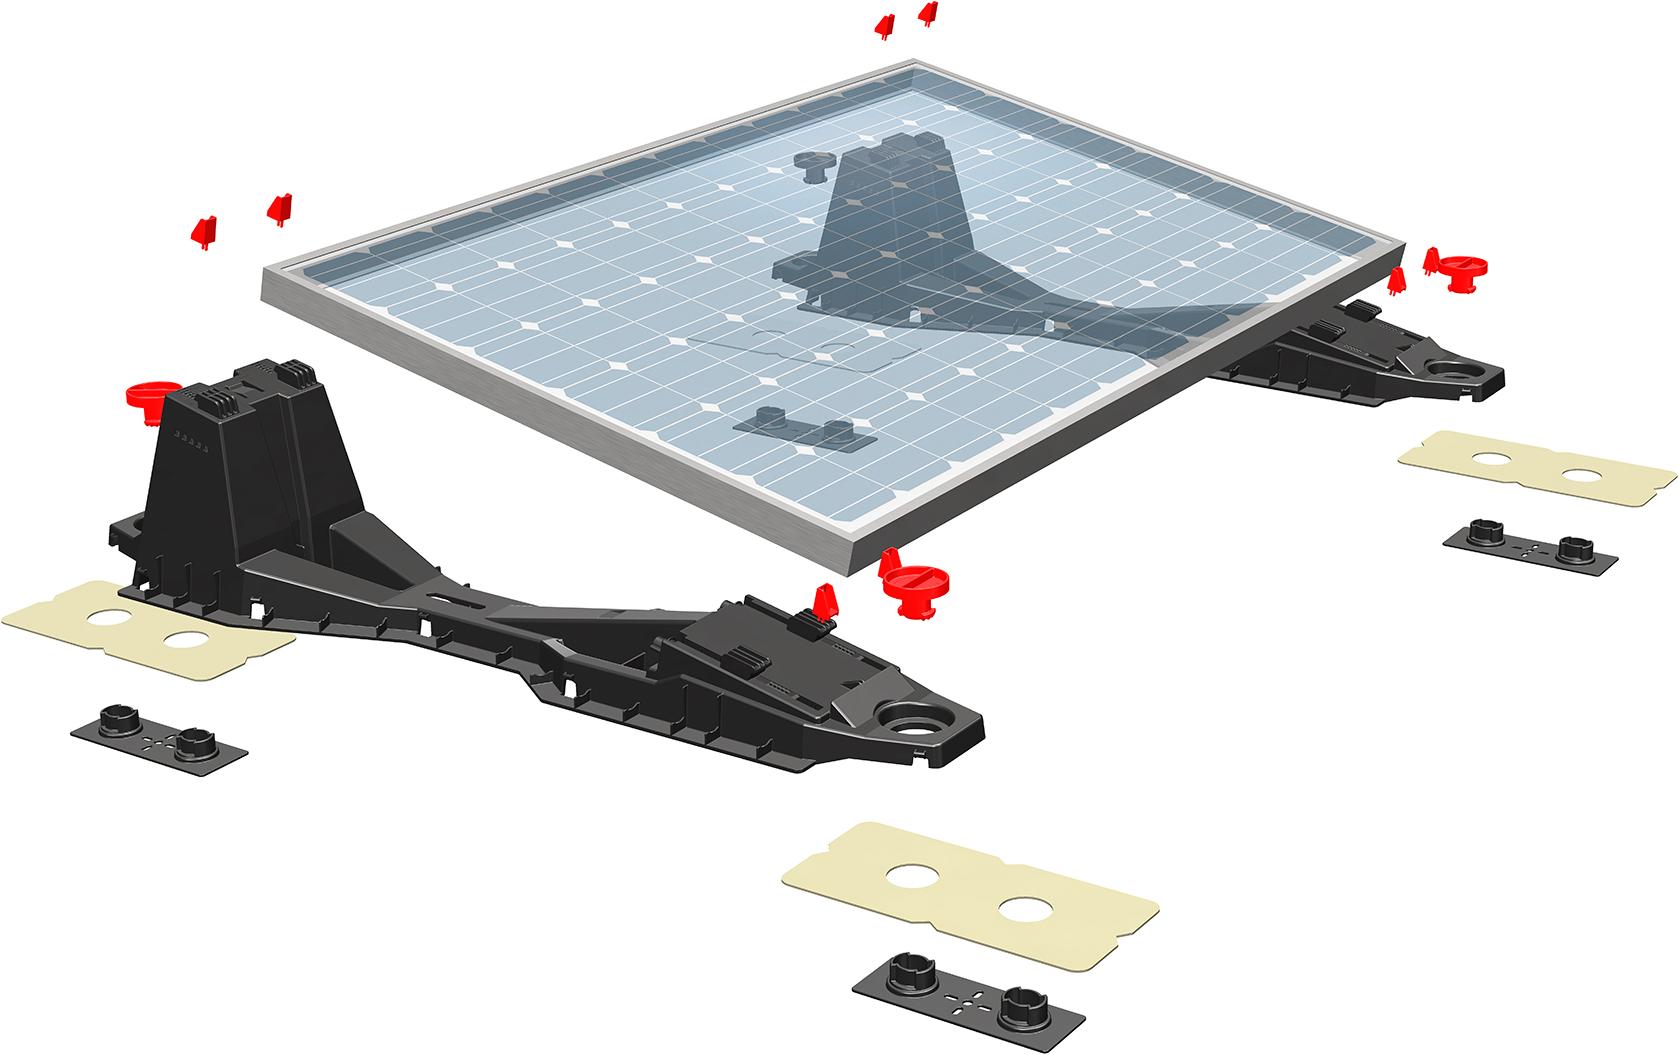 modulunabh ngige unterkonstruktionen f r pv anlagen auf flachd chern. Black Bedroom Furniture Sets. Home Design Ideas